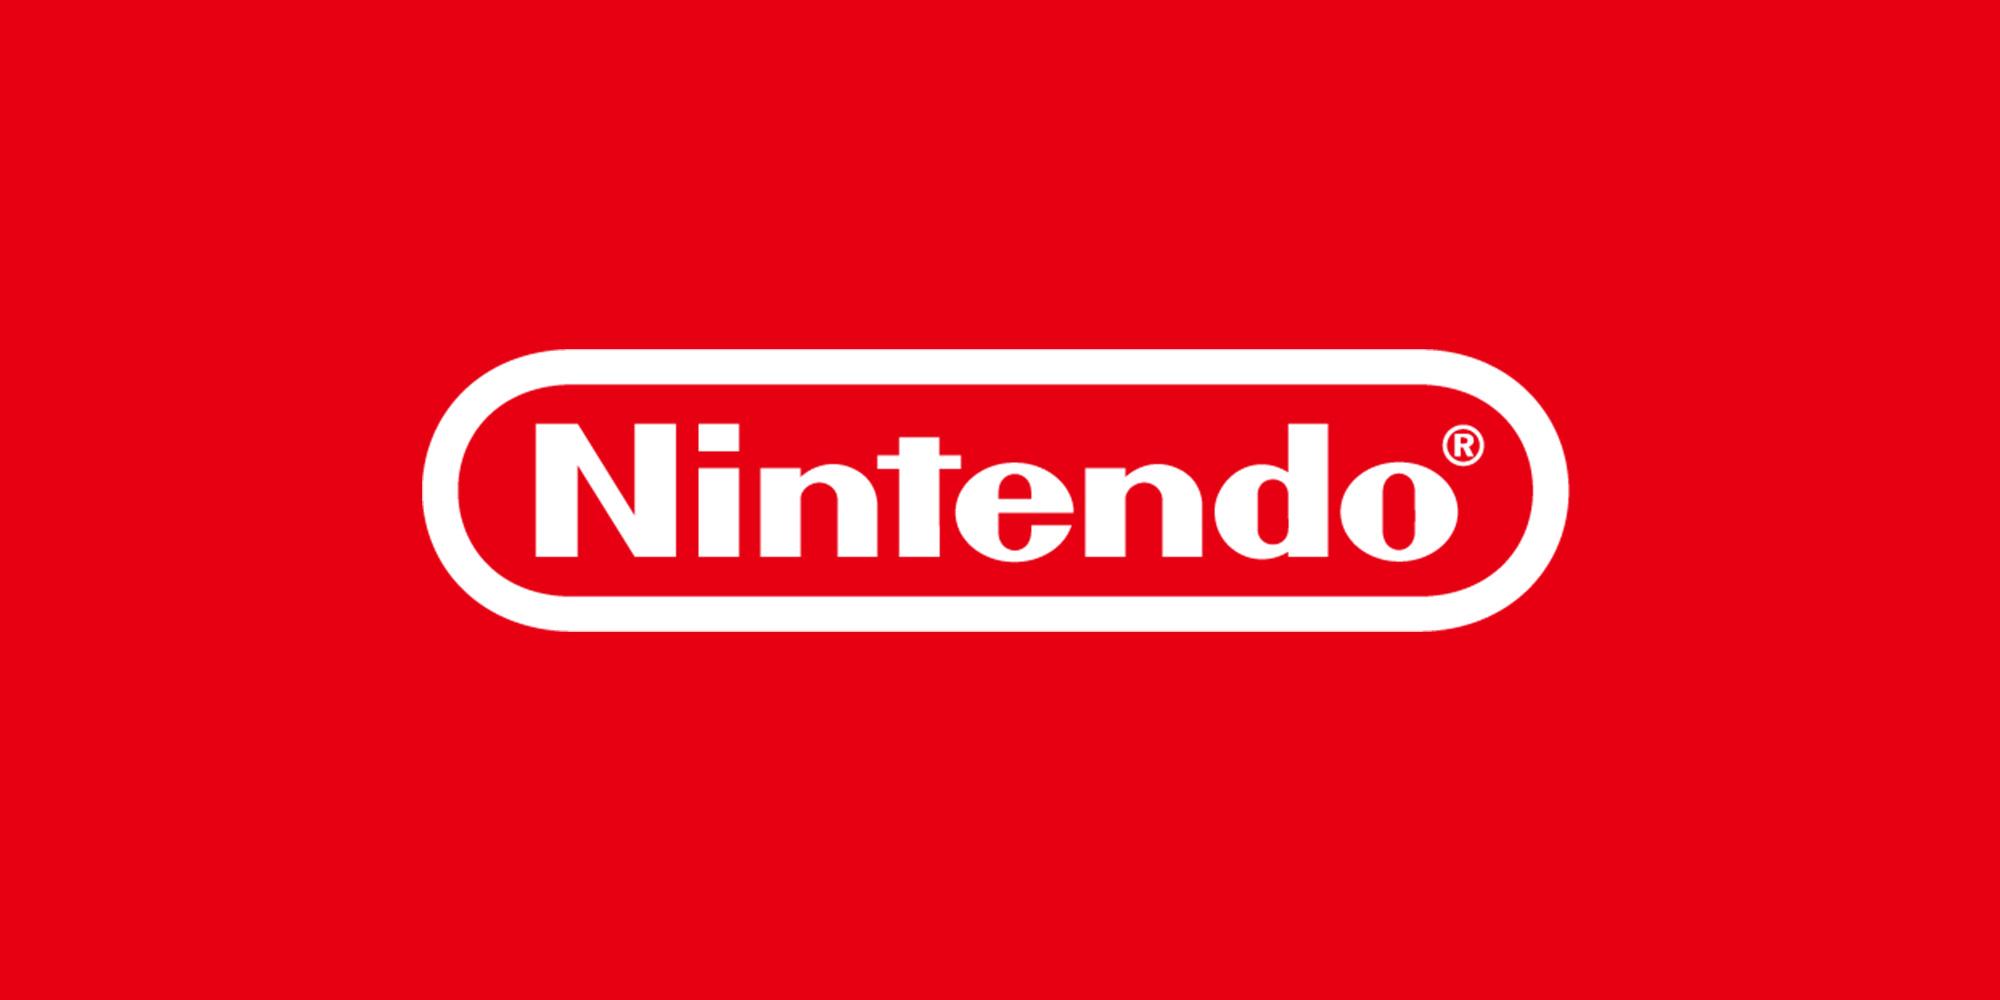 港服eShop12月17日更新 玩家可直接购物并获取点数